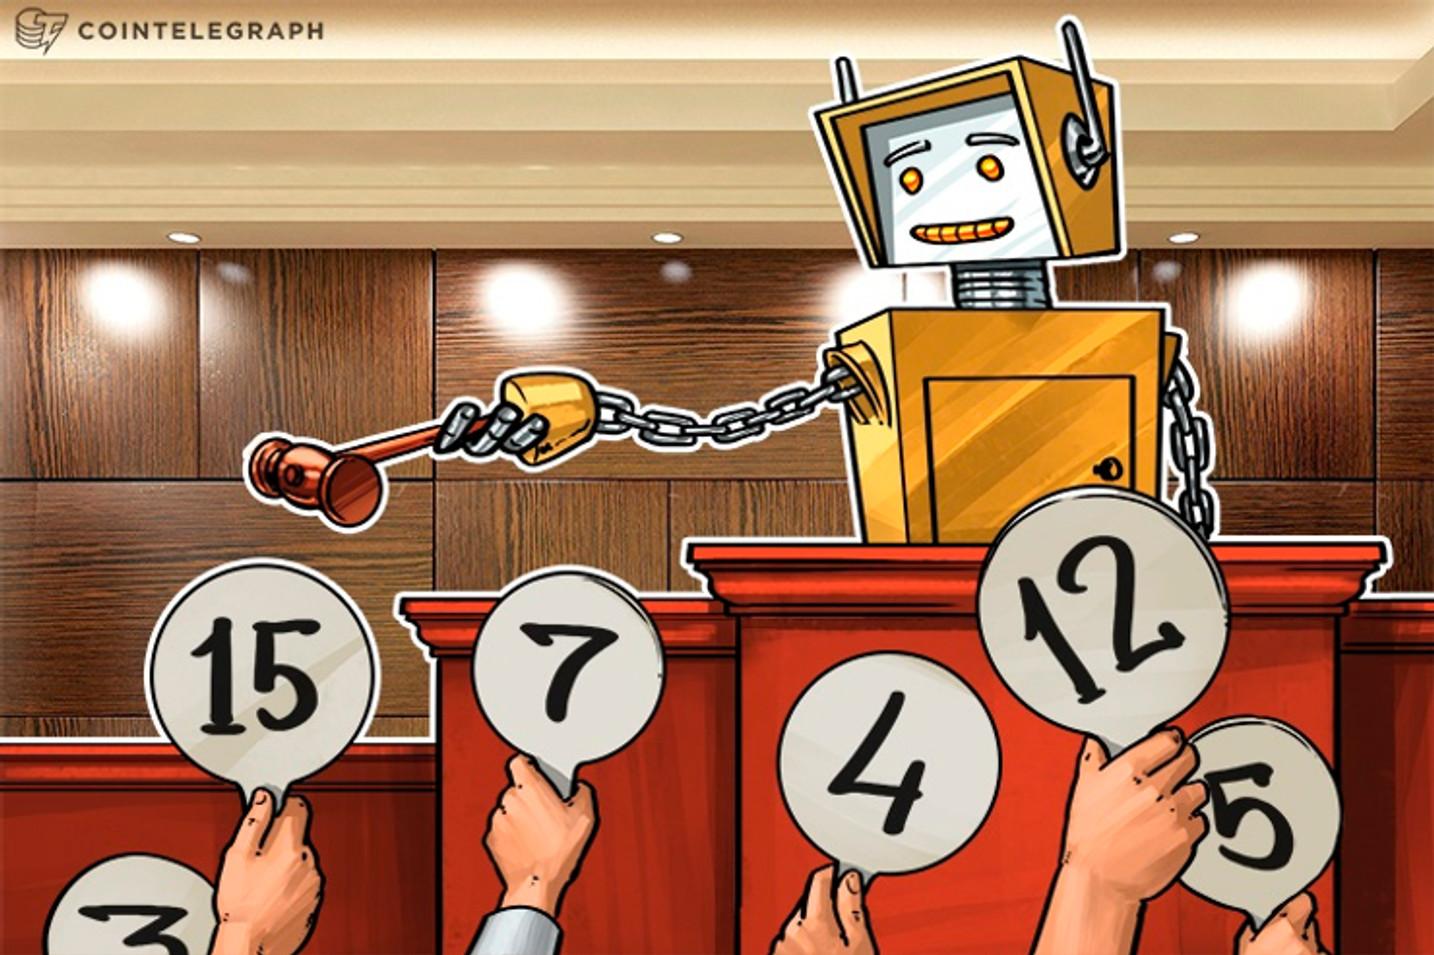 Atlas Quantum destrói 205 unidades de 'Bitcoin' após comprar criptomoedas por R$ 1.400